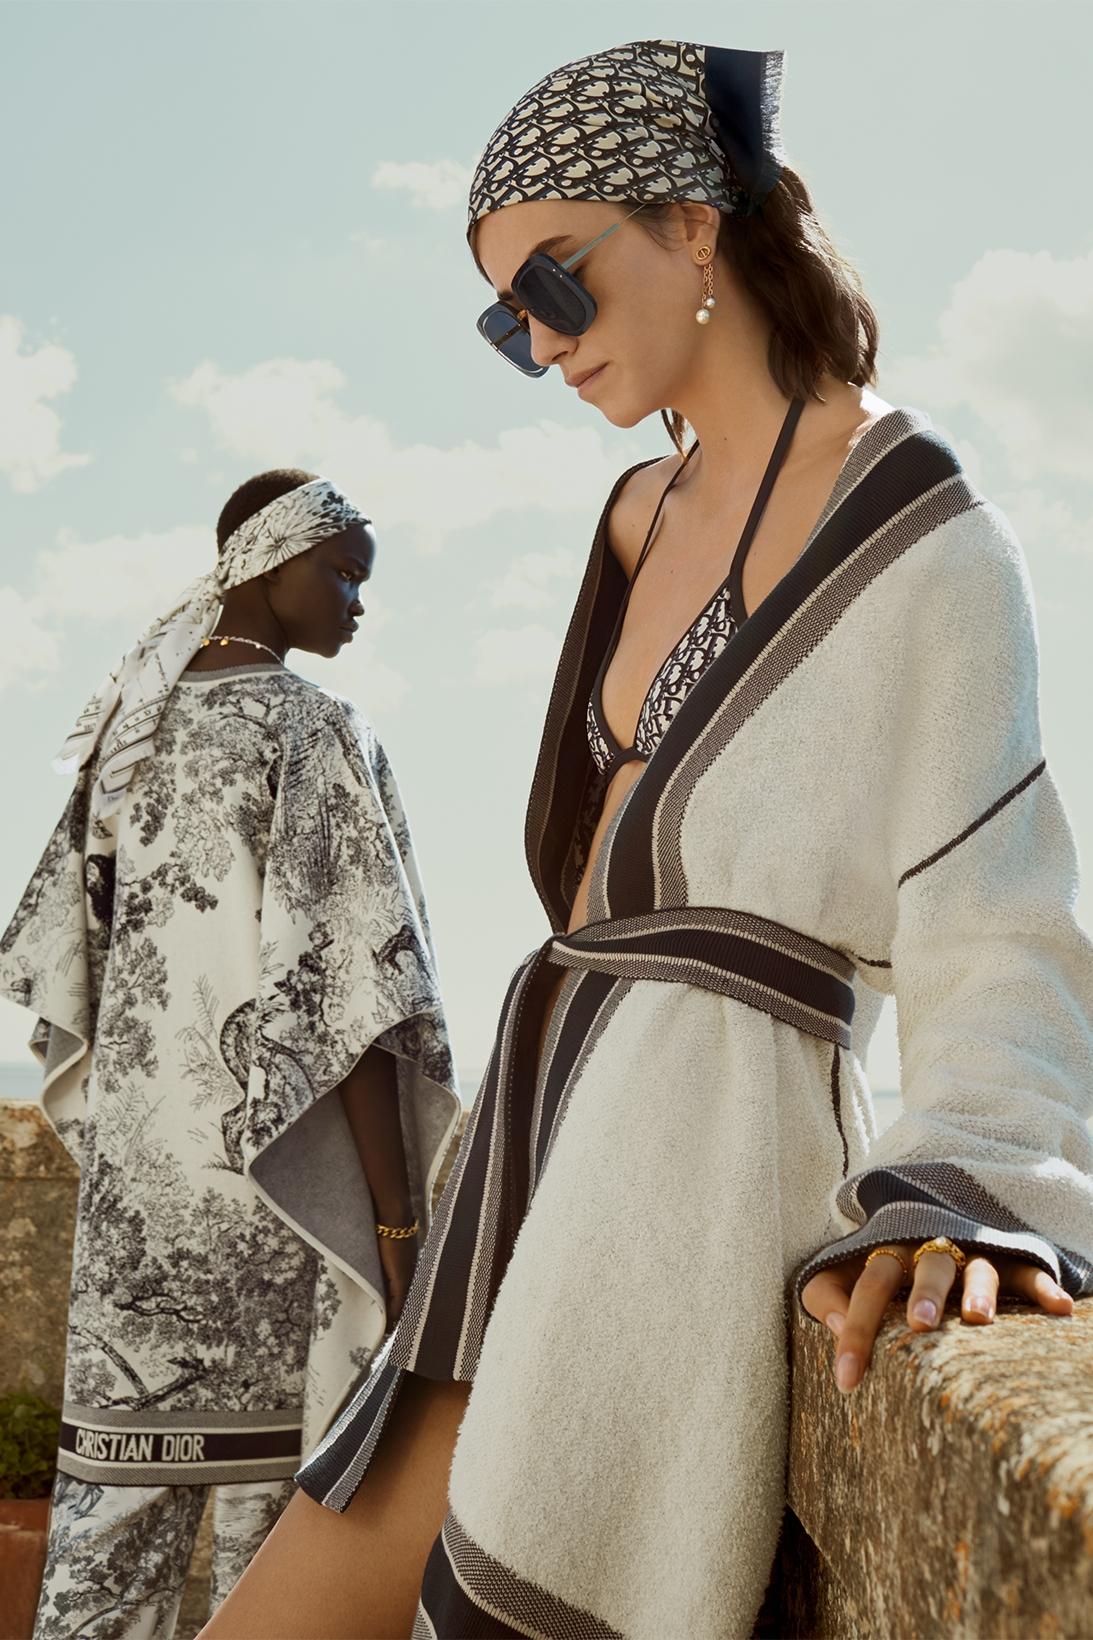 Тренд на комфорт. Dior выпустили коллекцию домашней одежды (ФОТО+ВИДЕО) - фото №1